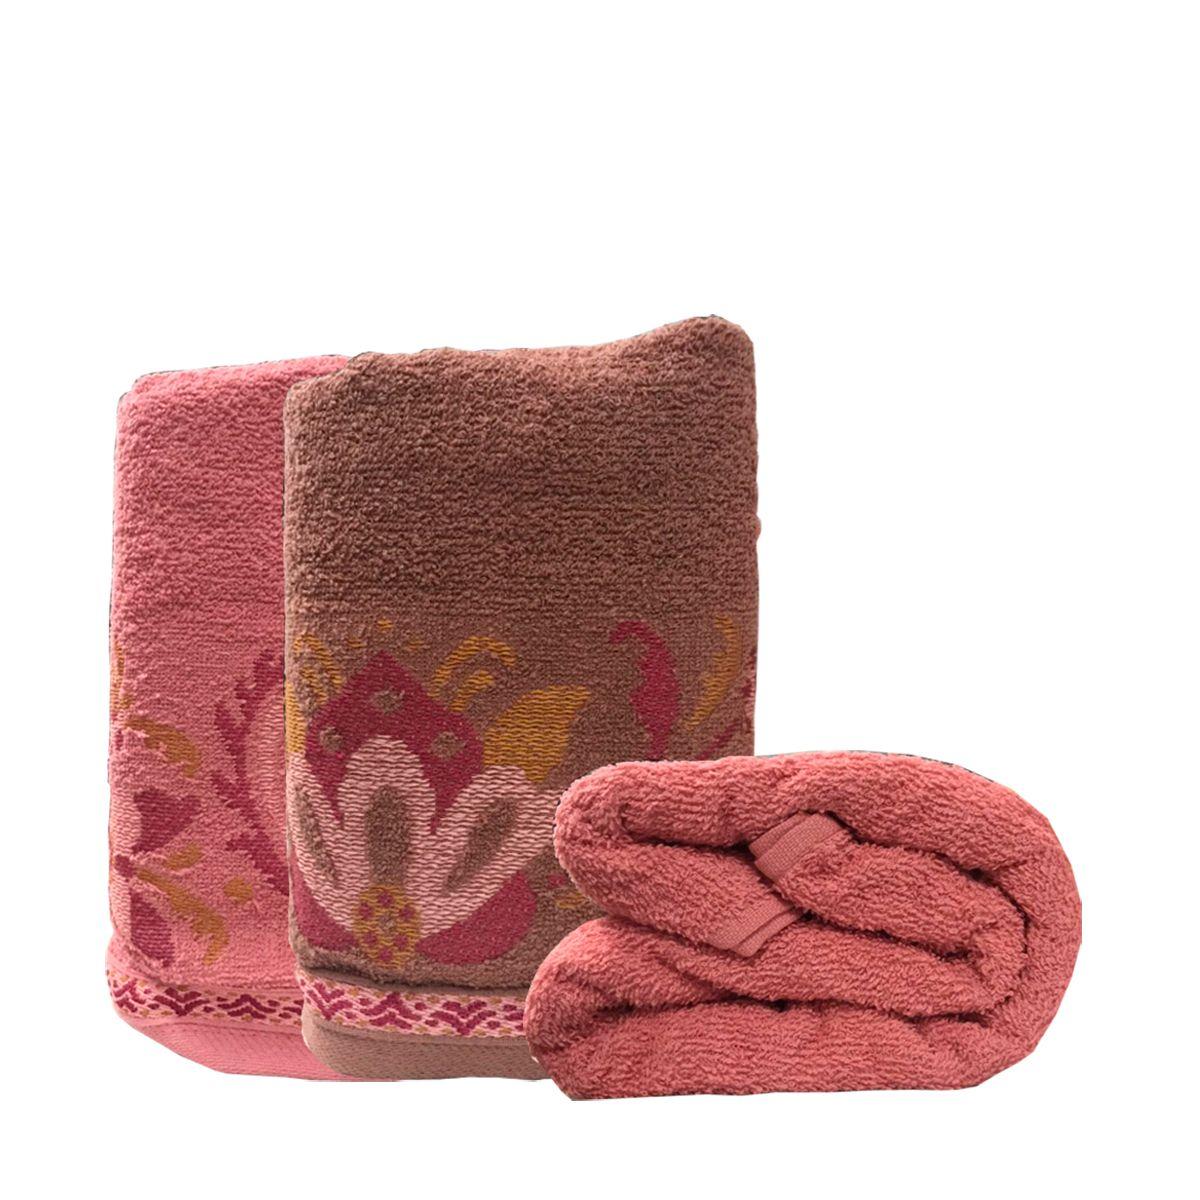 Jogo de Toalhas Lotus Cassis+ Rosa Blush 4 pçs